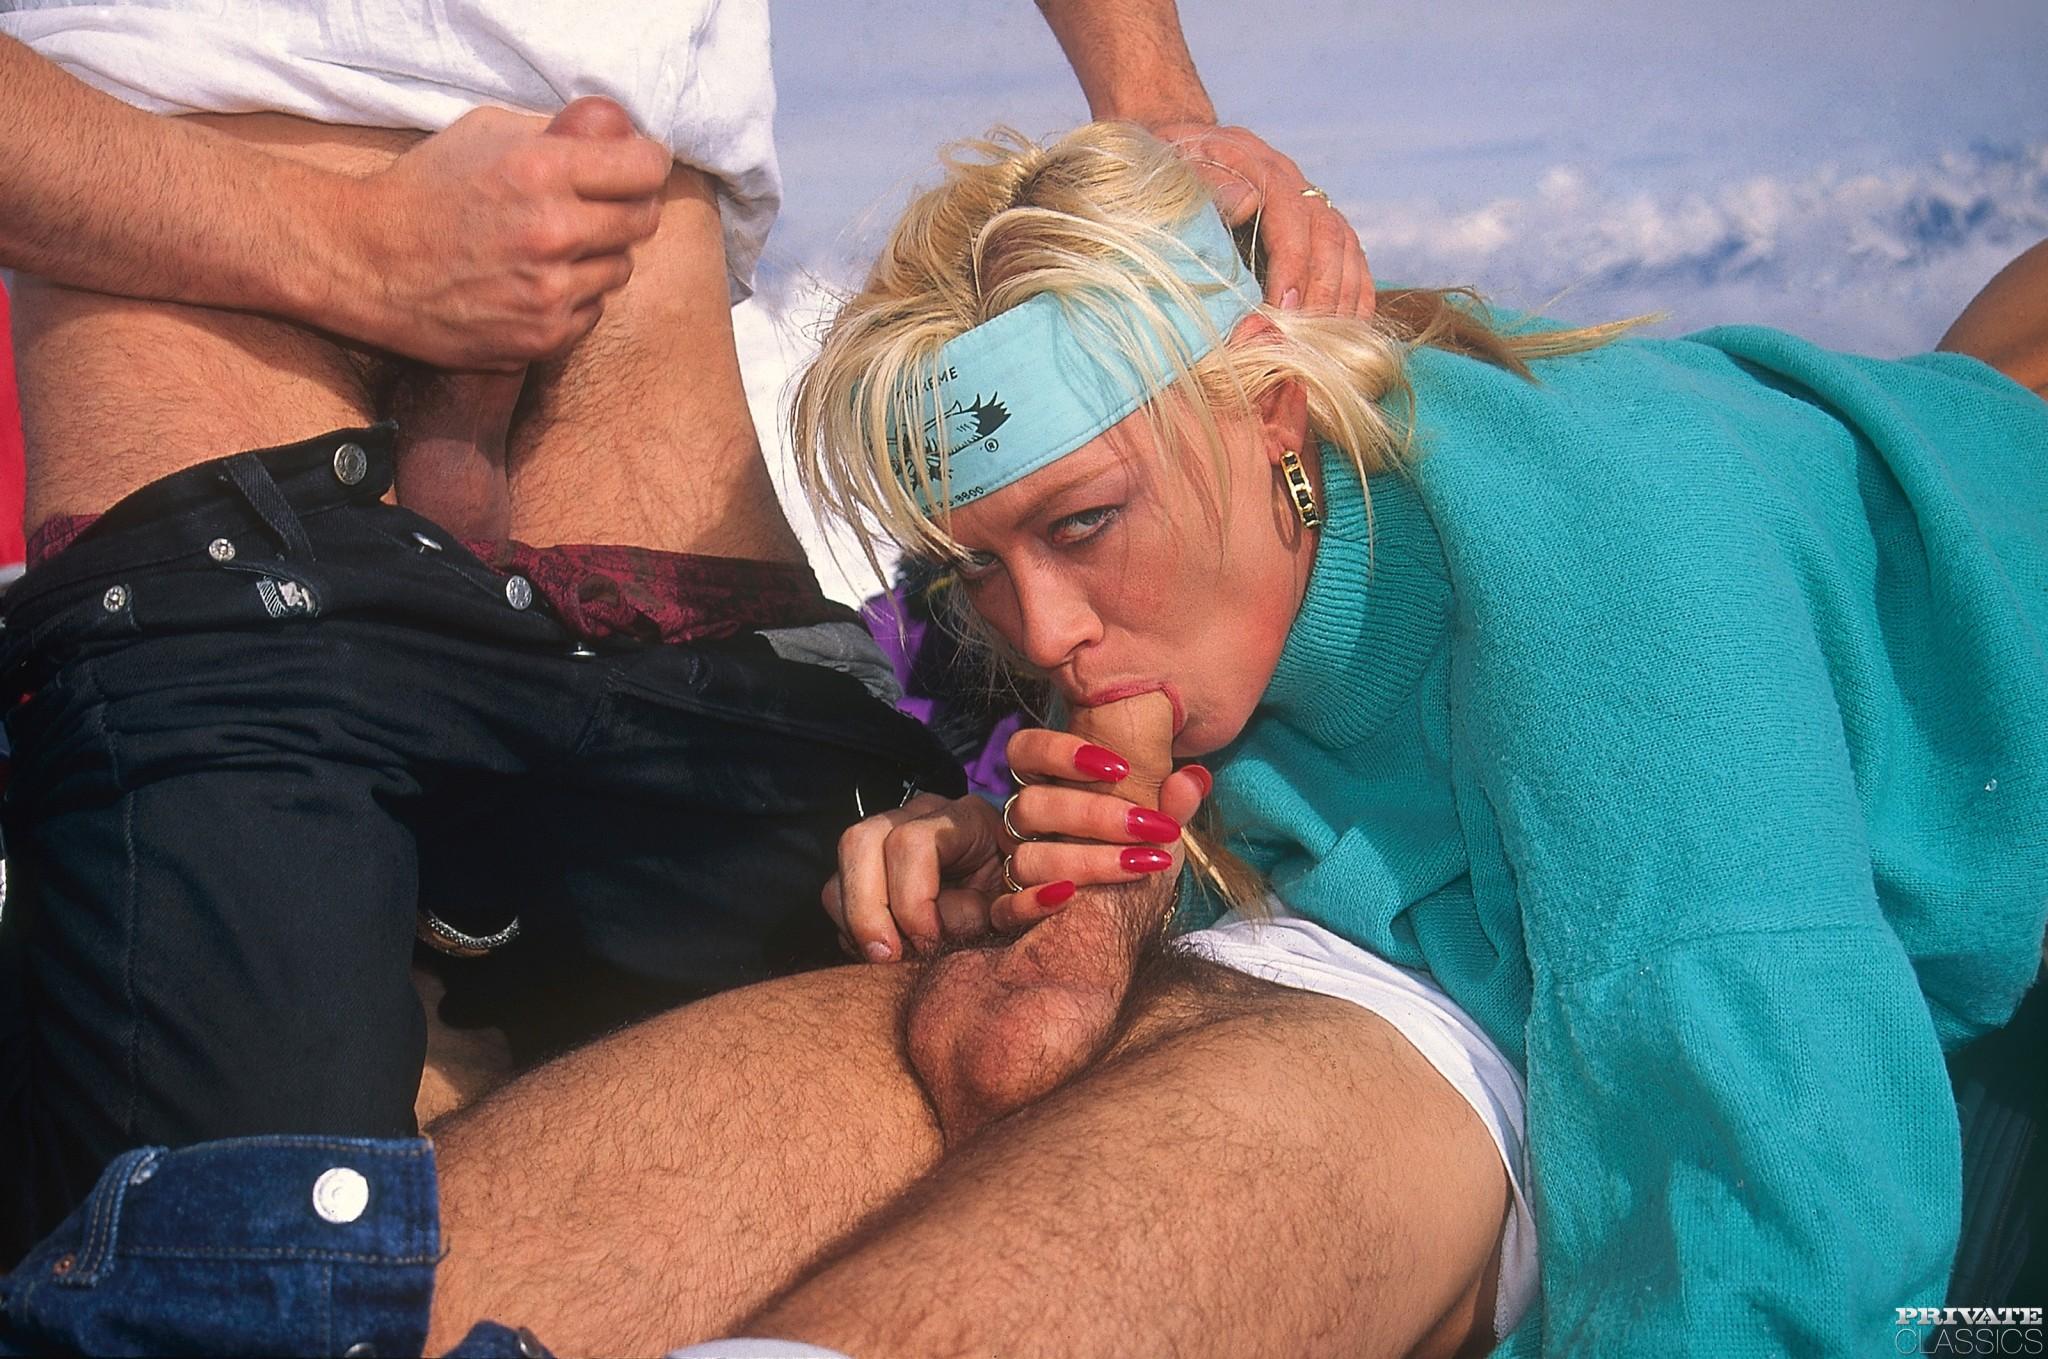 Смотреть горнолыжном курорте онлайн